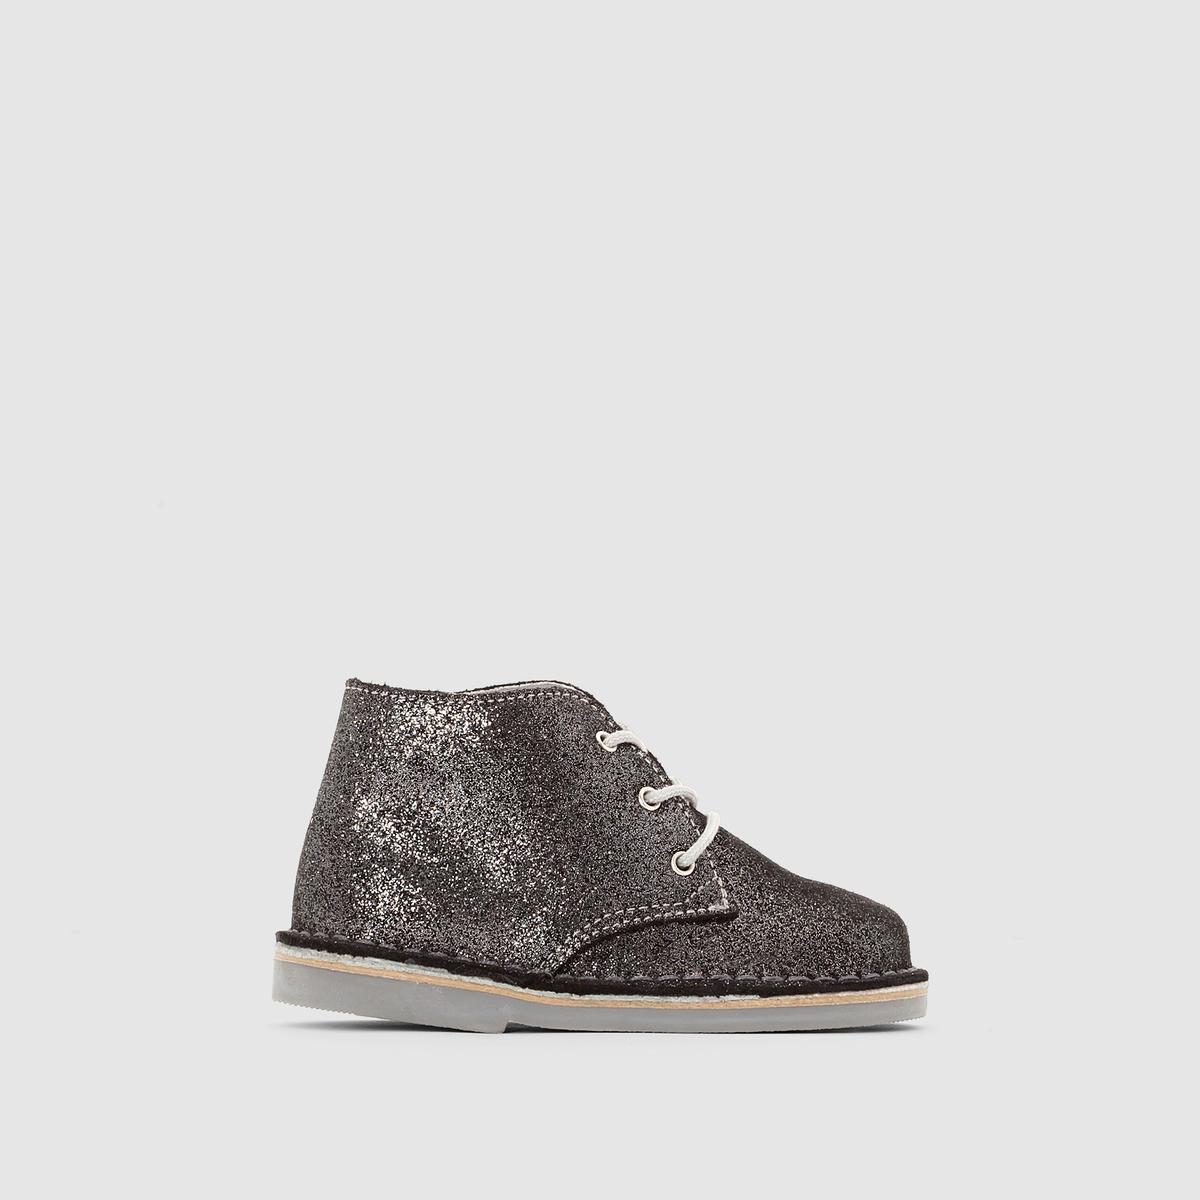 Ботинки на шнуровке, из кожи, с блесткамиПреимущества : ботинки R essentiel производят сильное впечатление своей оригинальной формой и отделкой блестками .<br><br>Цвет: темно-серый<br>Размер: 25.22